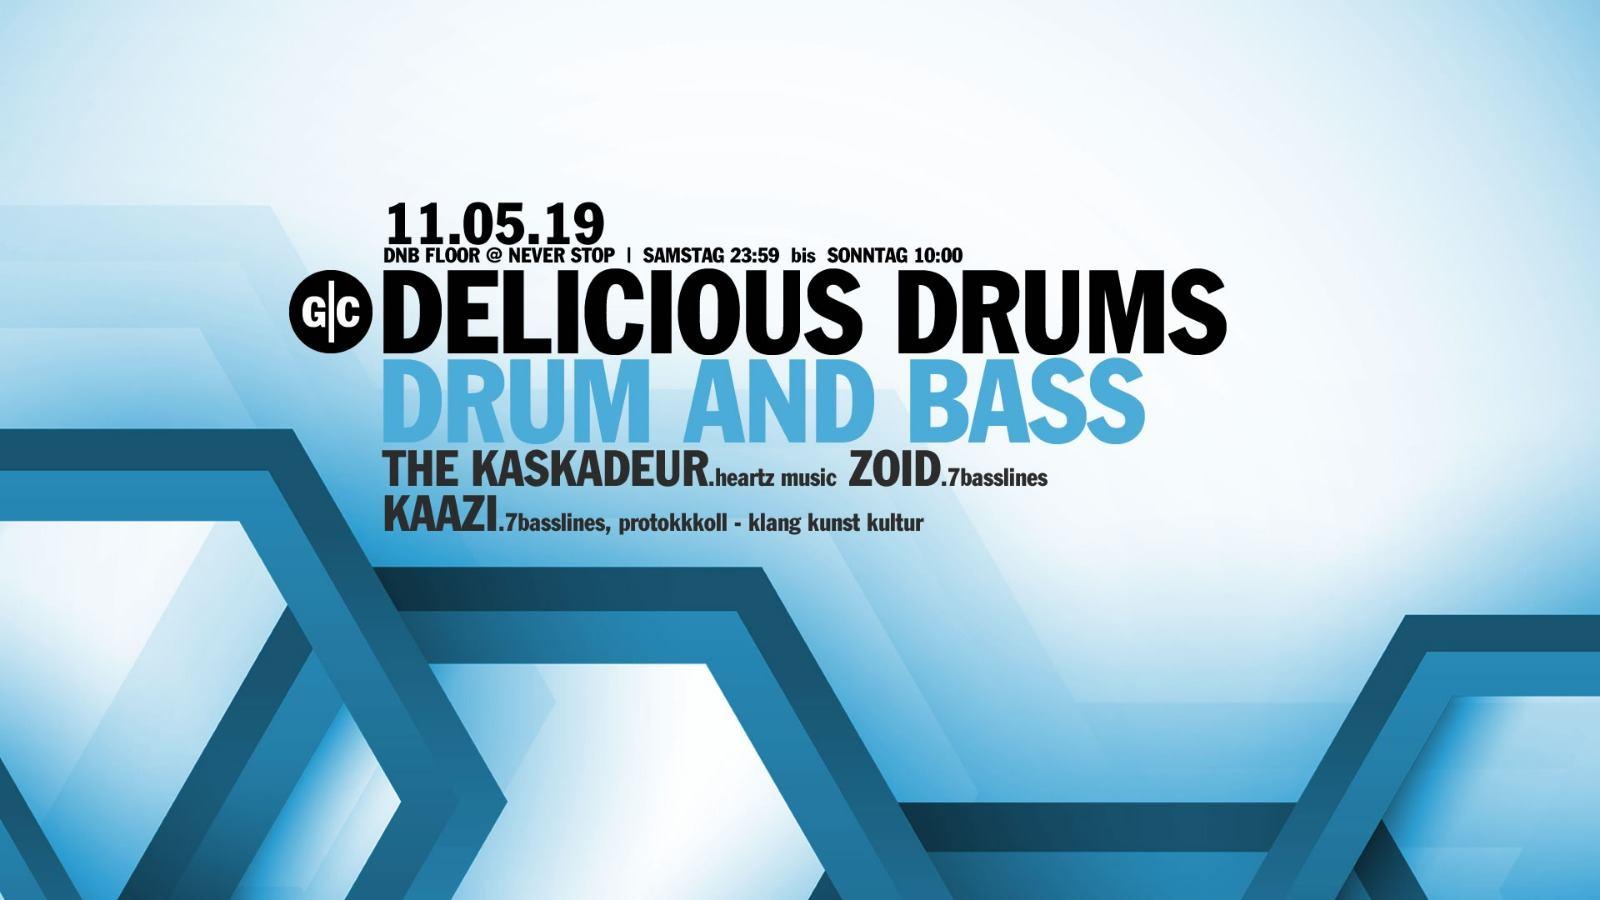 Delicious Drums w/ The Kaskadeur, zoid & KAaZi